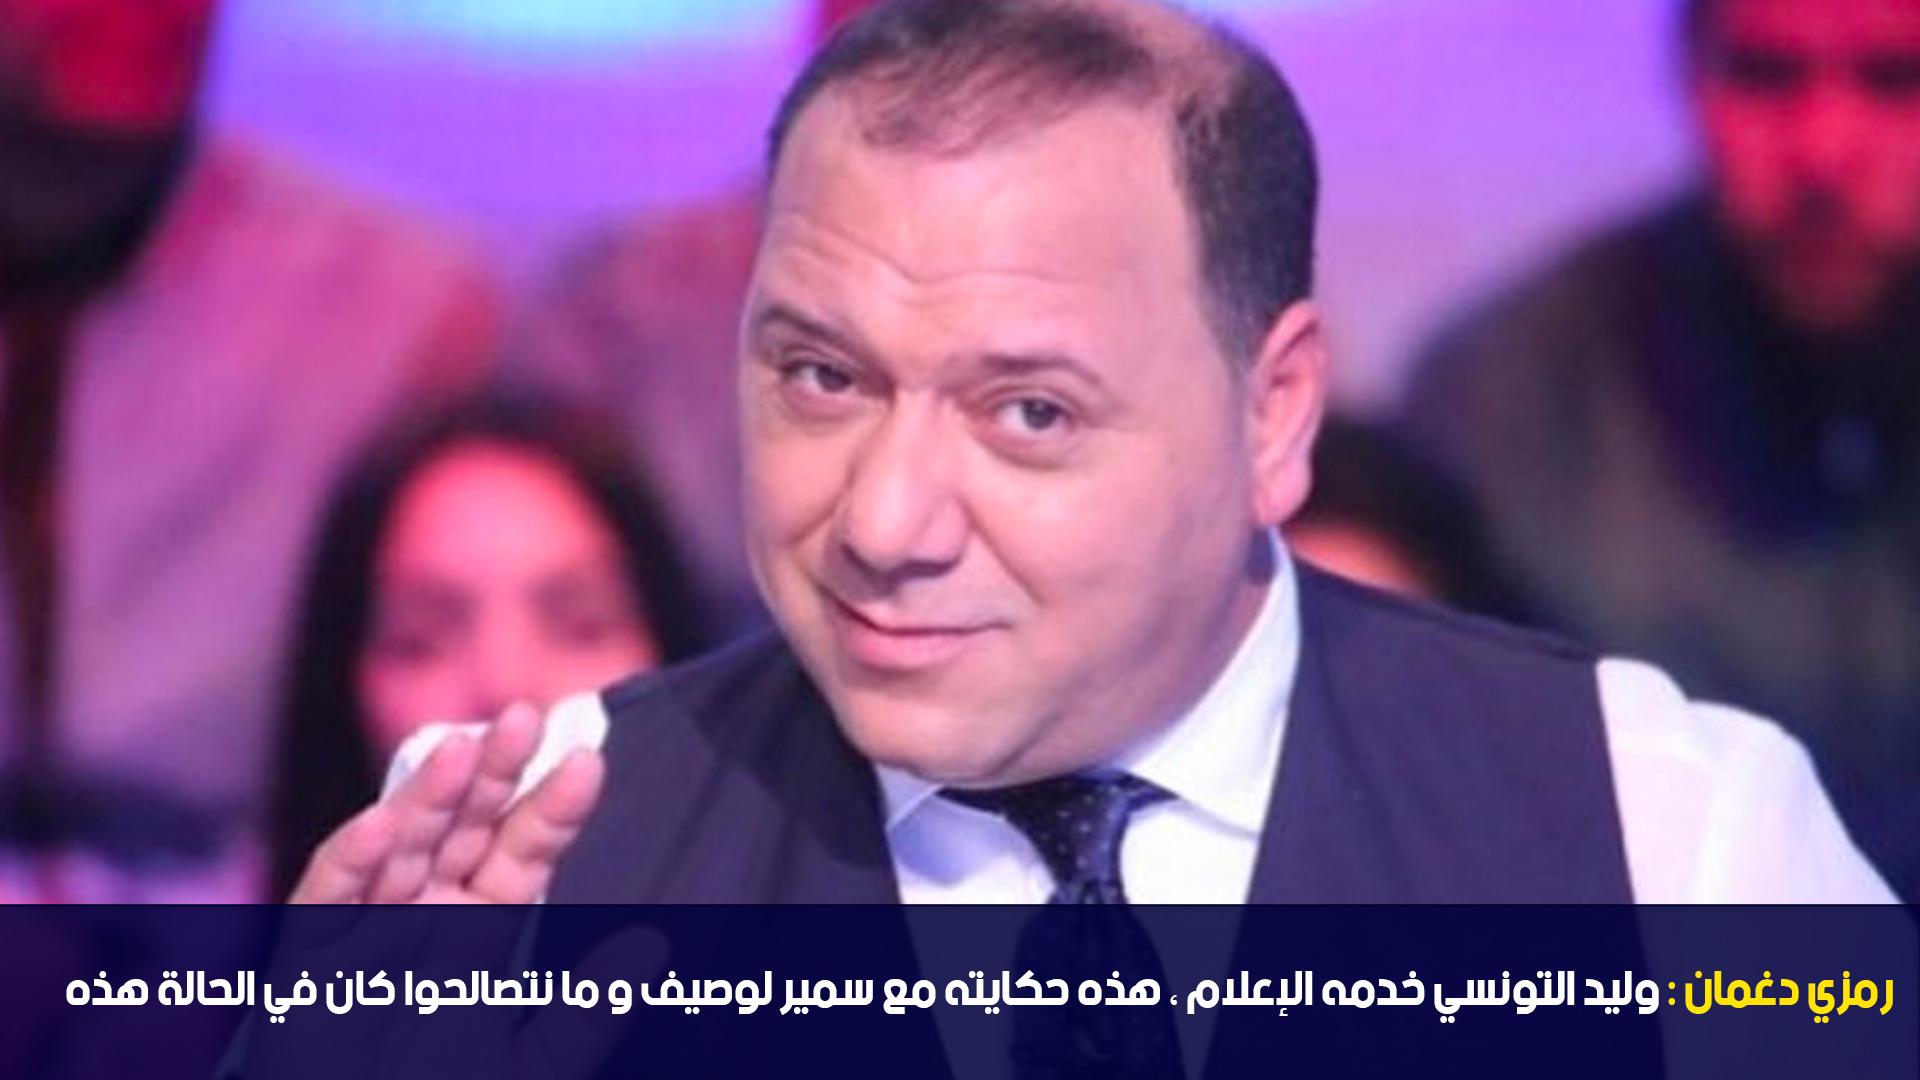 رمزي دغمان : وليد التونسي خدمه الإعلام ، هذه حكايته مع سمير لوصيف و ما نتصالحوا كان في الحالة هذه